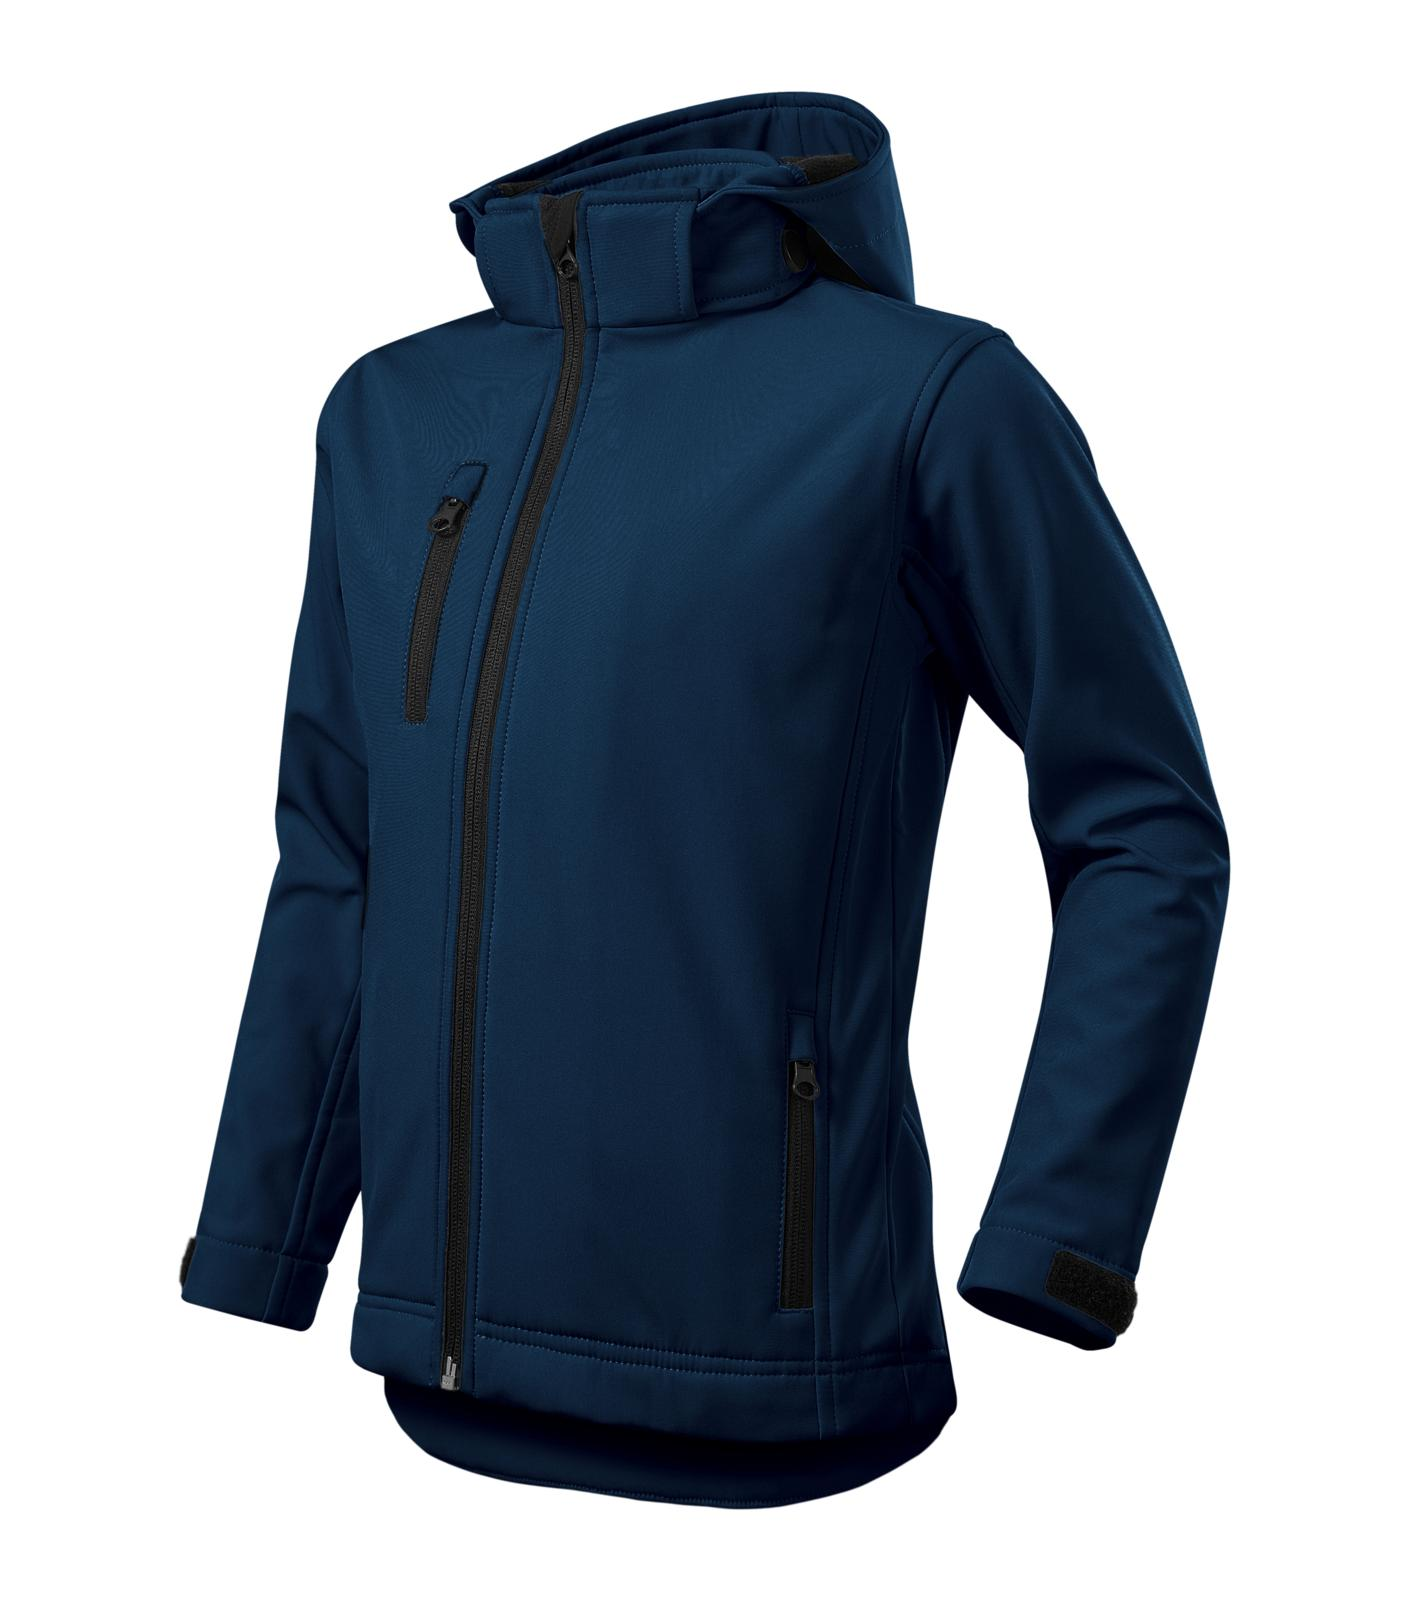 Performance - Softshellová bunda dětská námořní modrá